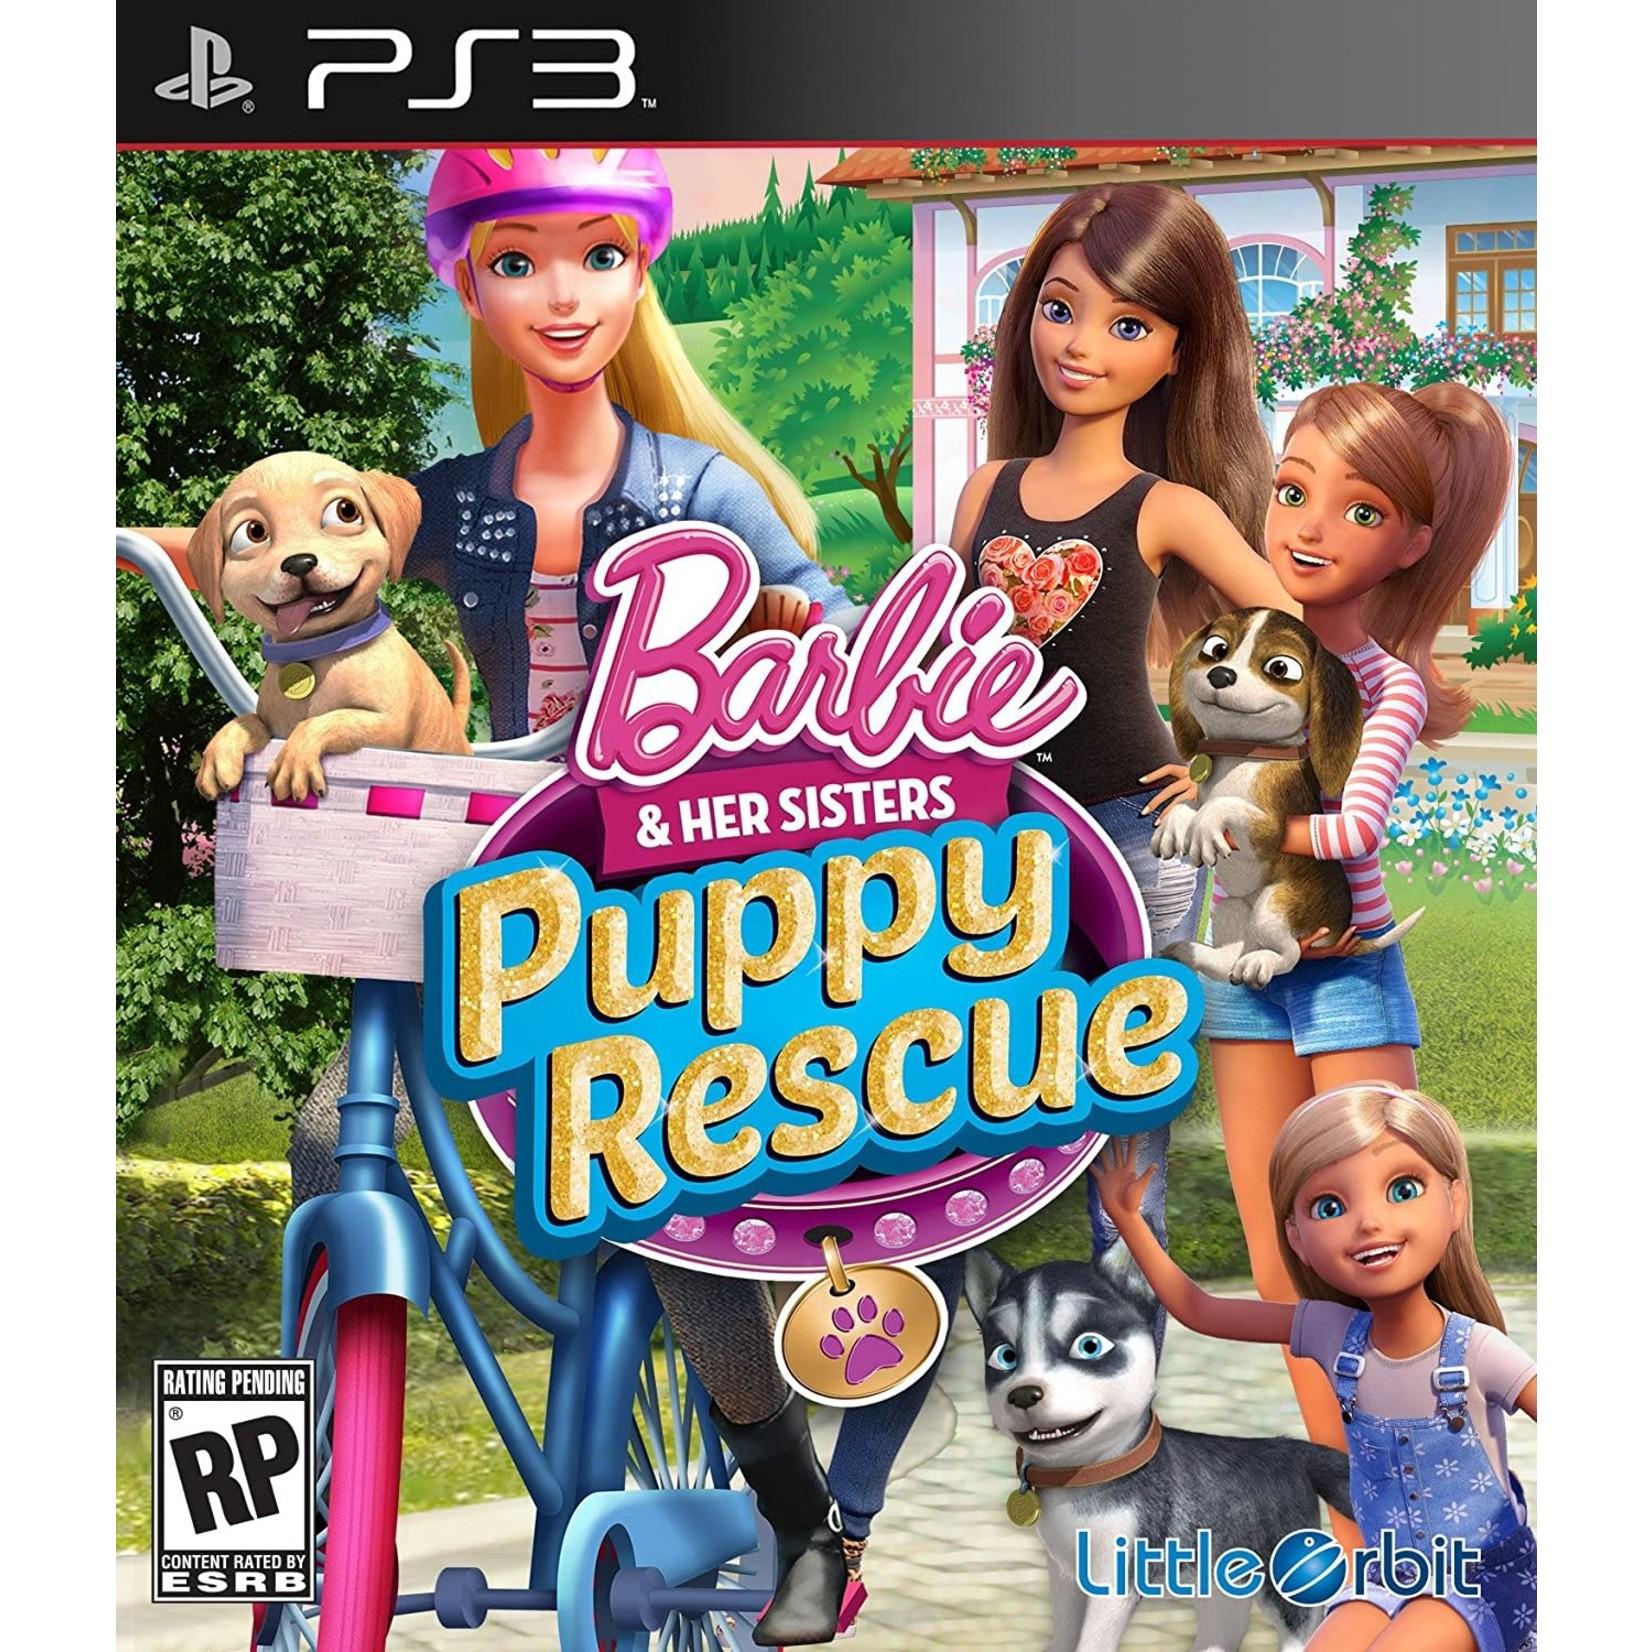 PS3U-Barbie Puppy Rescue